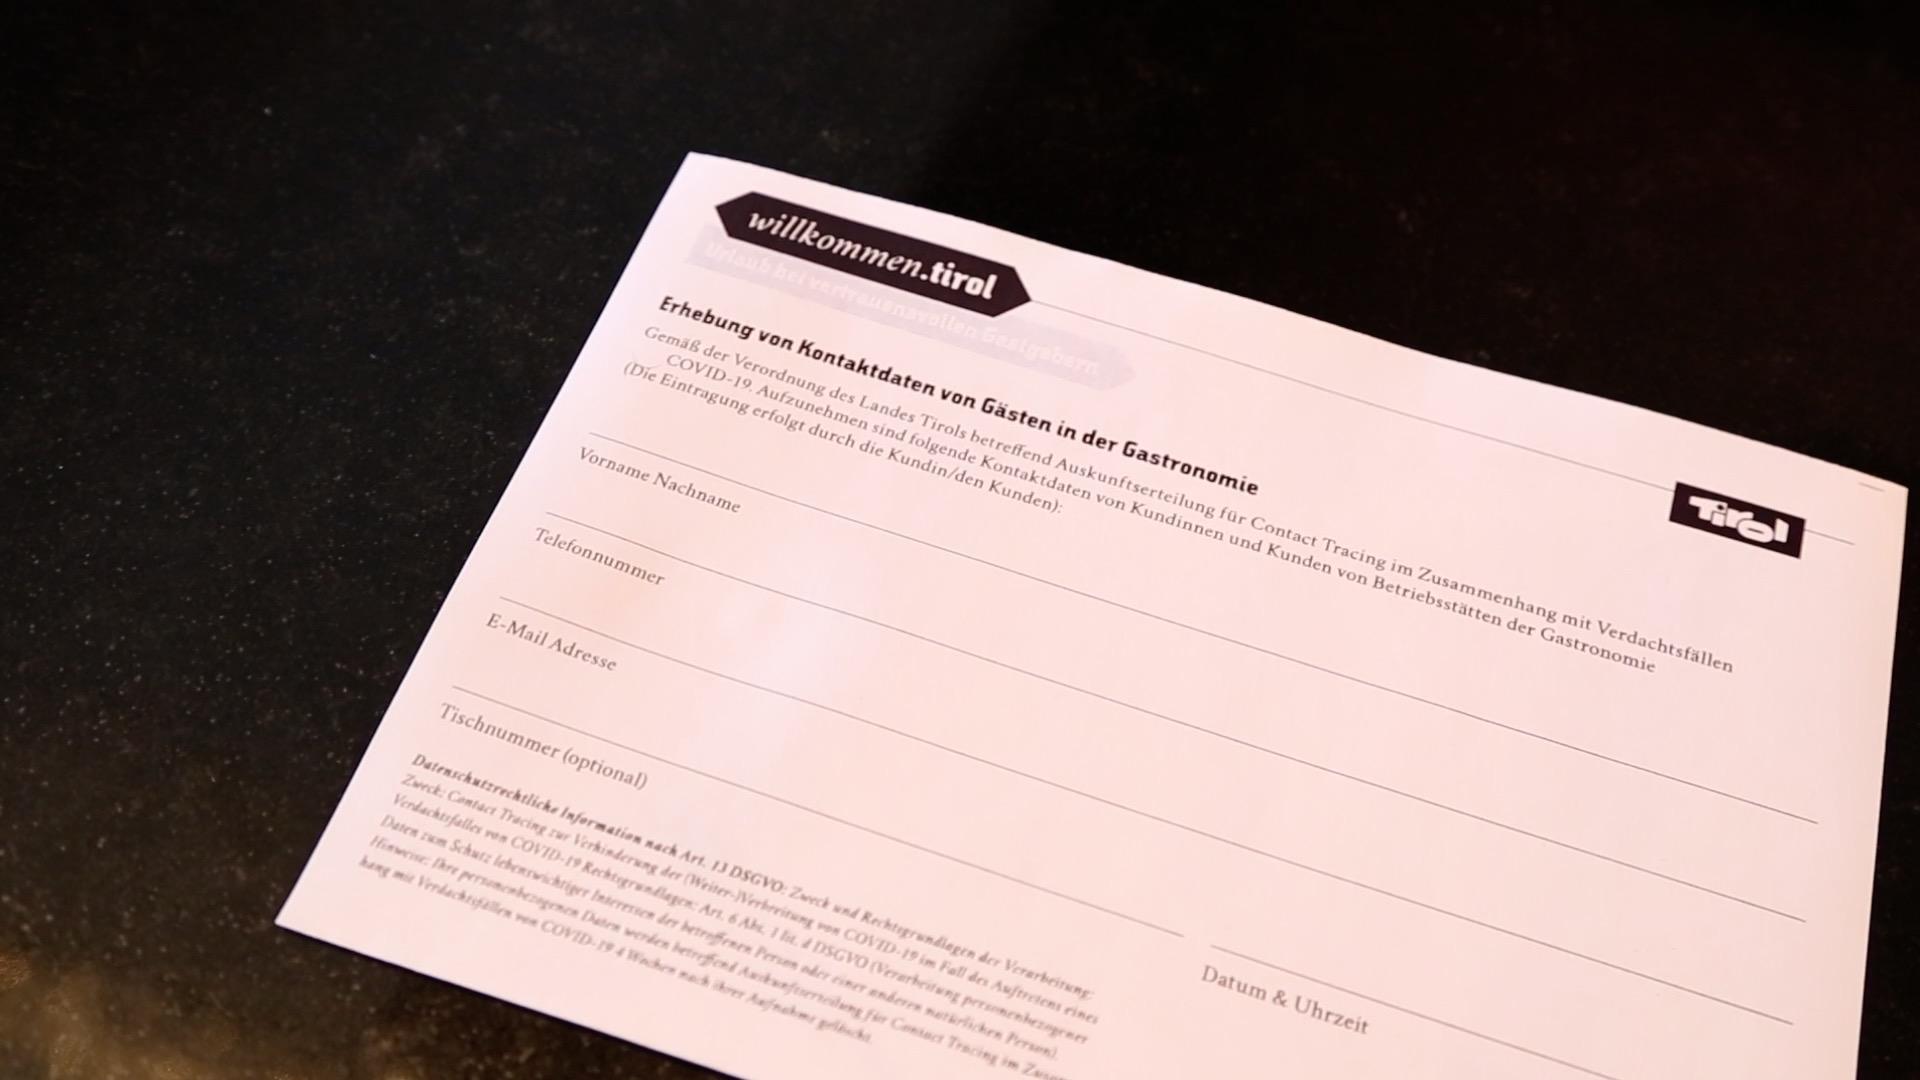 Stimmen zur Registrierungspflicht